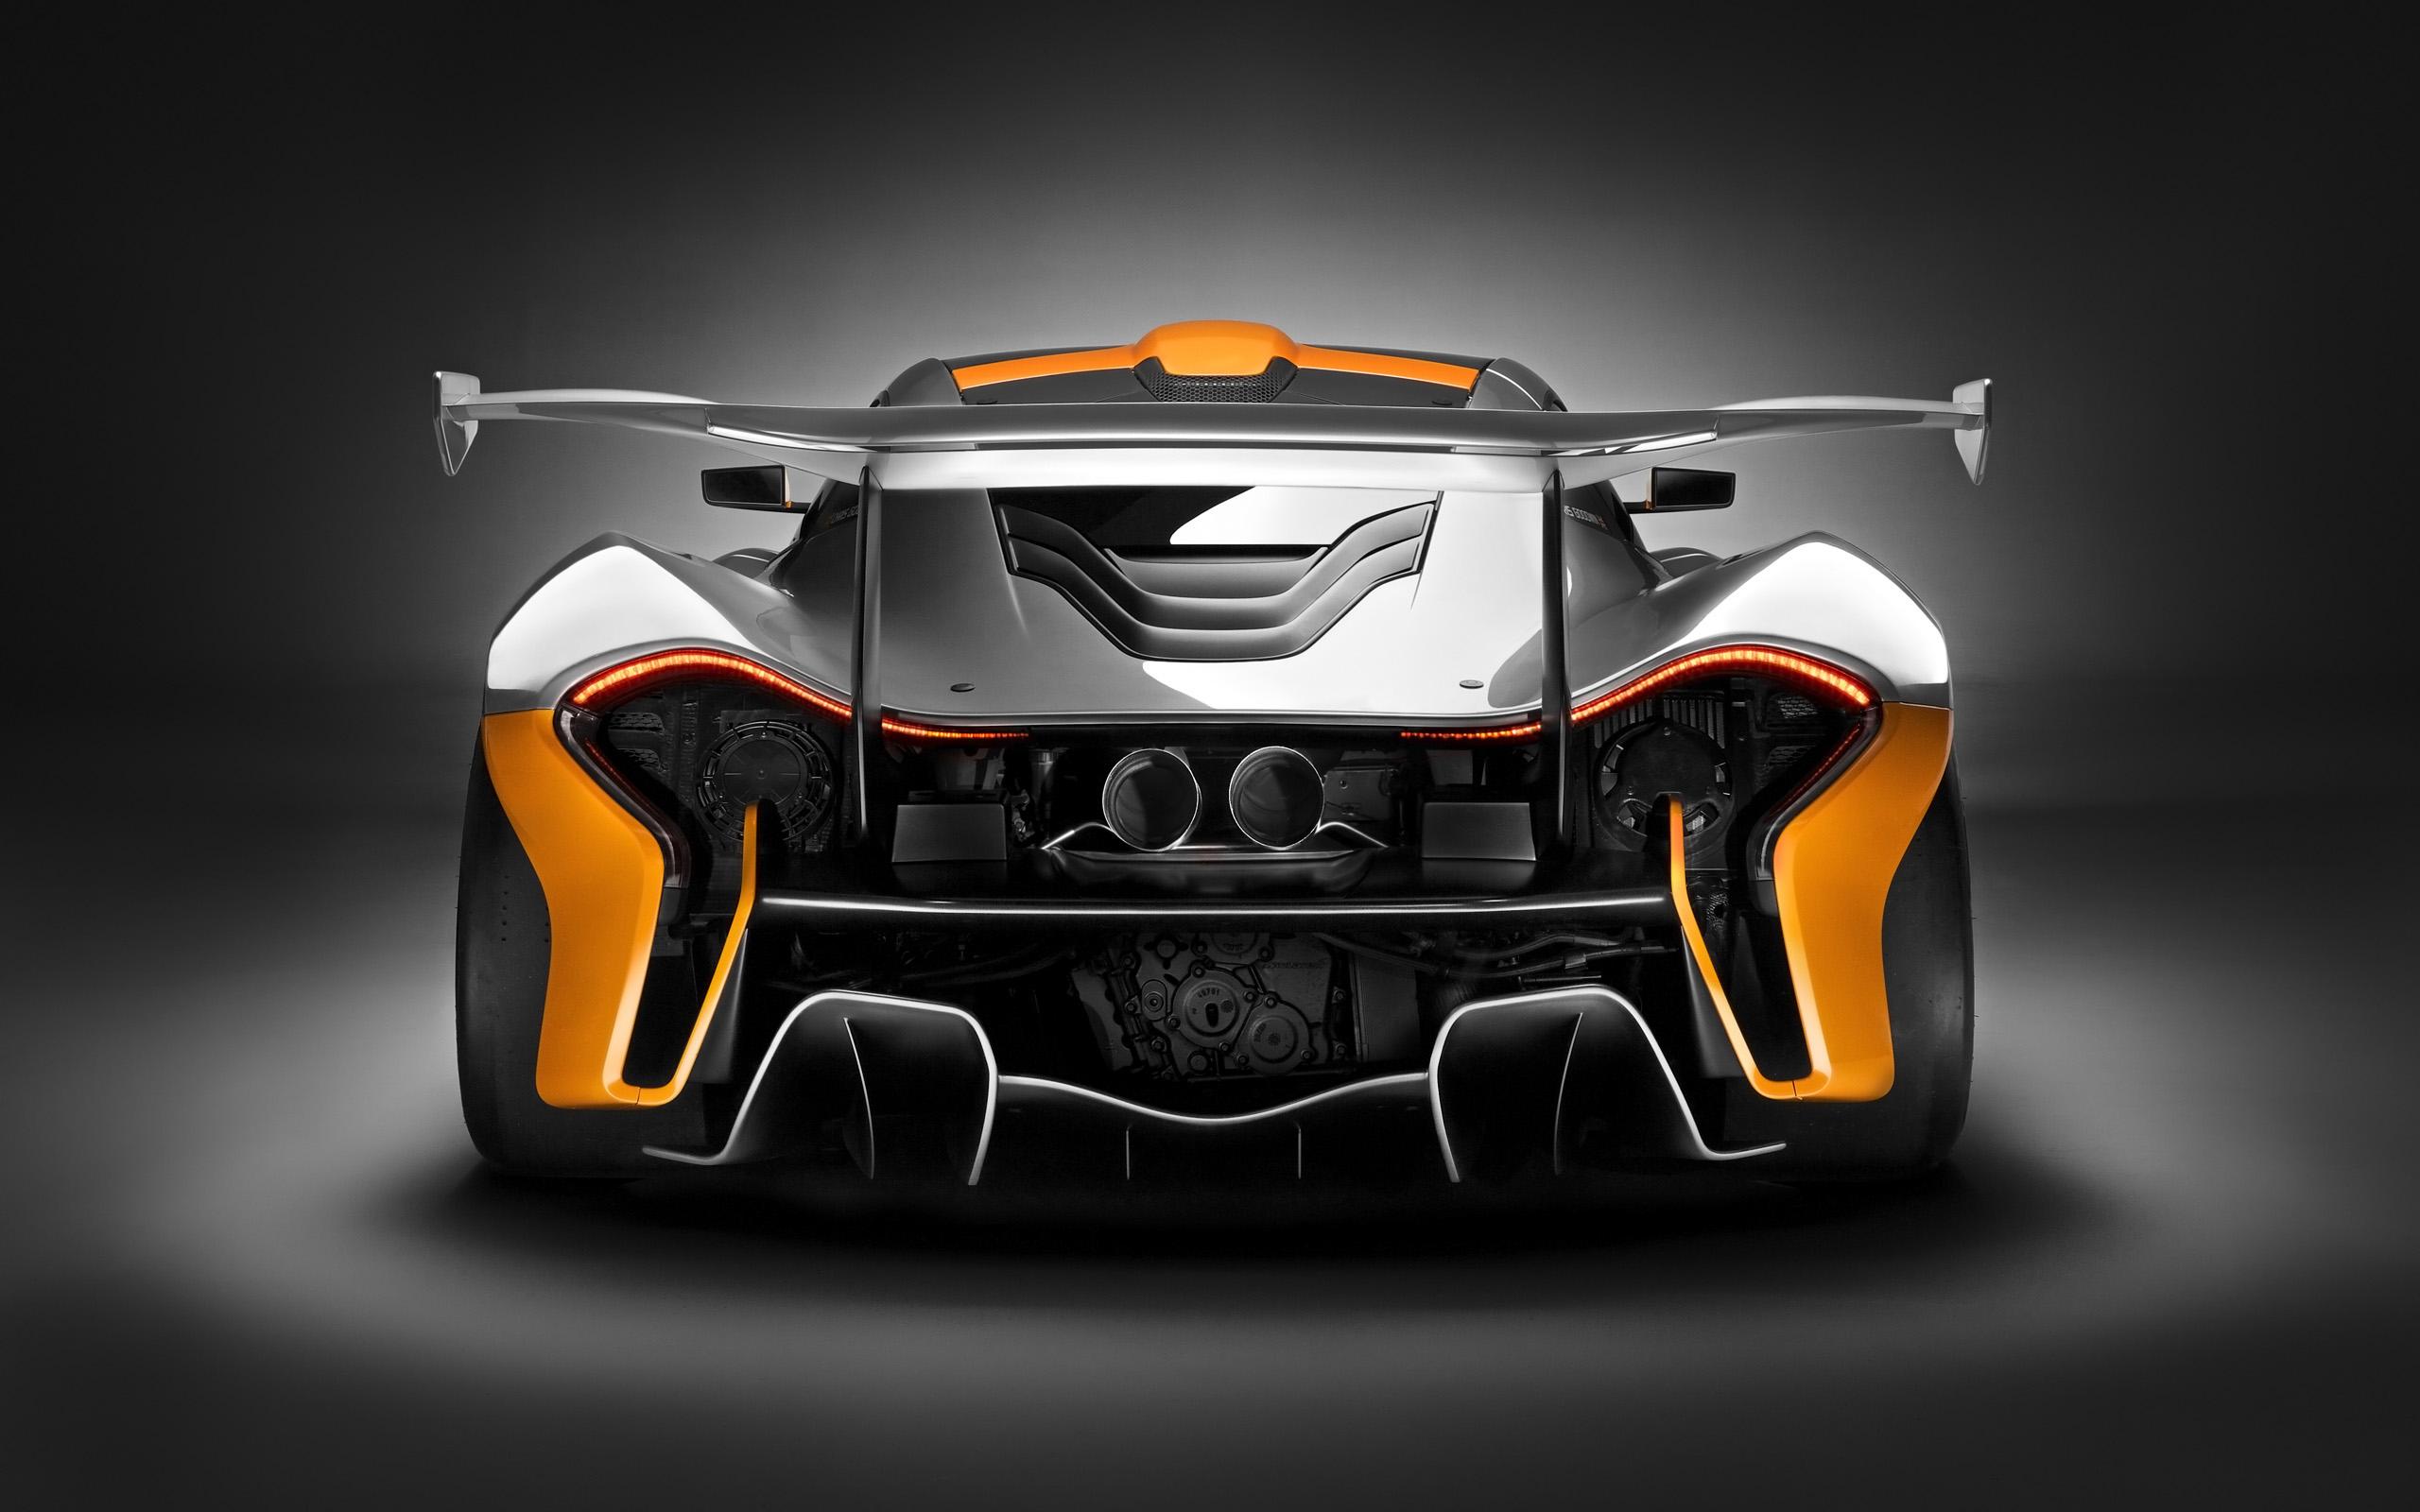 2014 McLaren P1 GTR Design Concept 4 Wallpaper HD Car Wallpapers 2560x1600